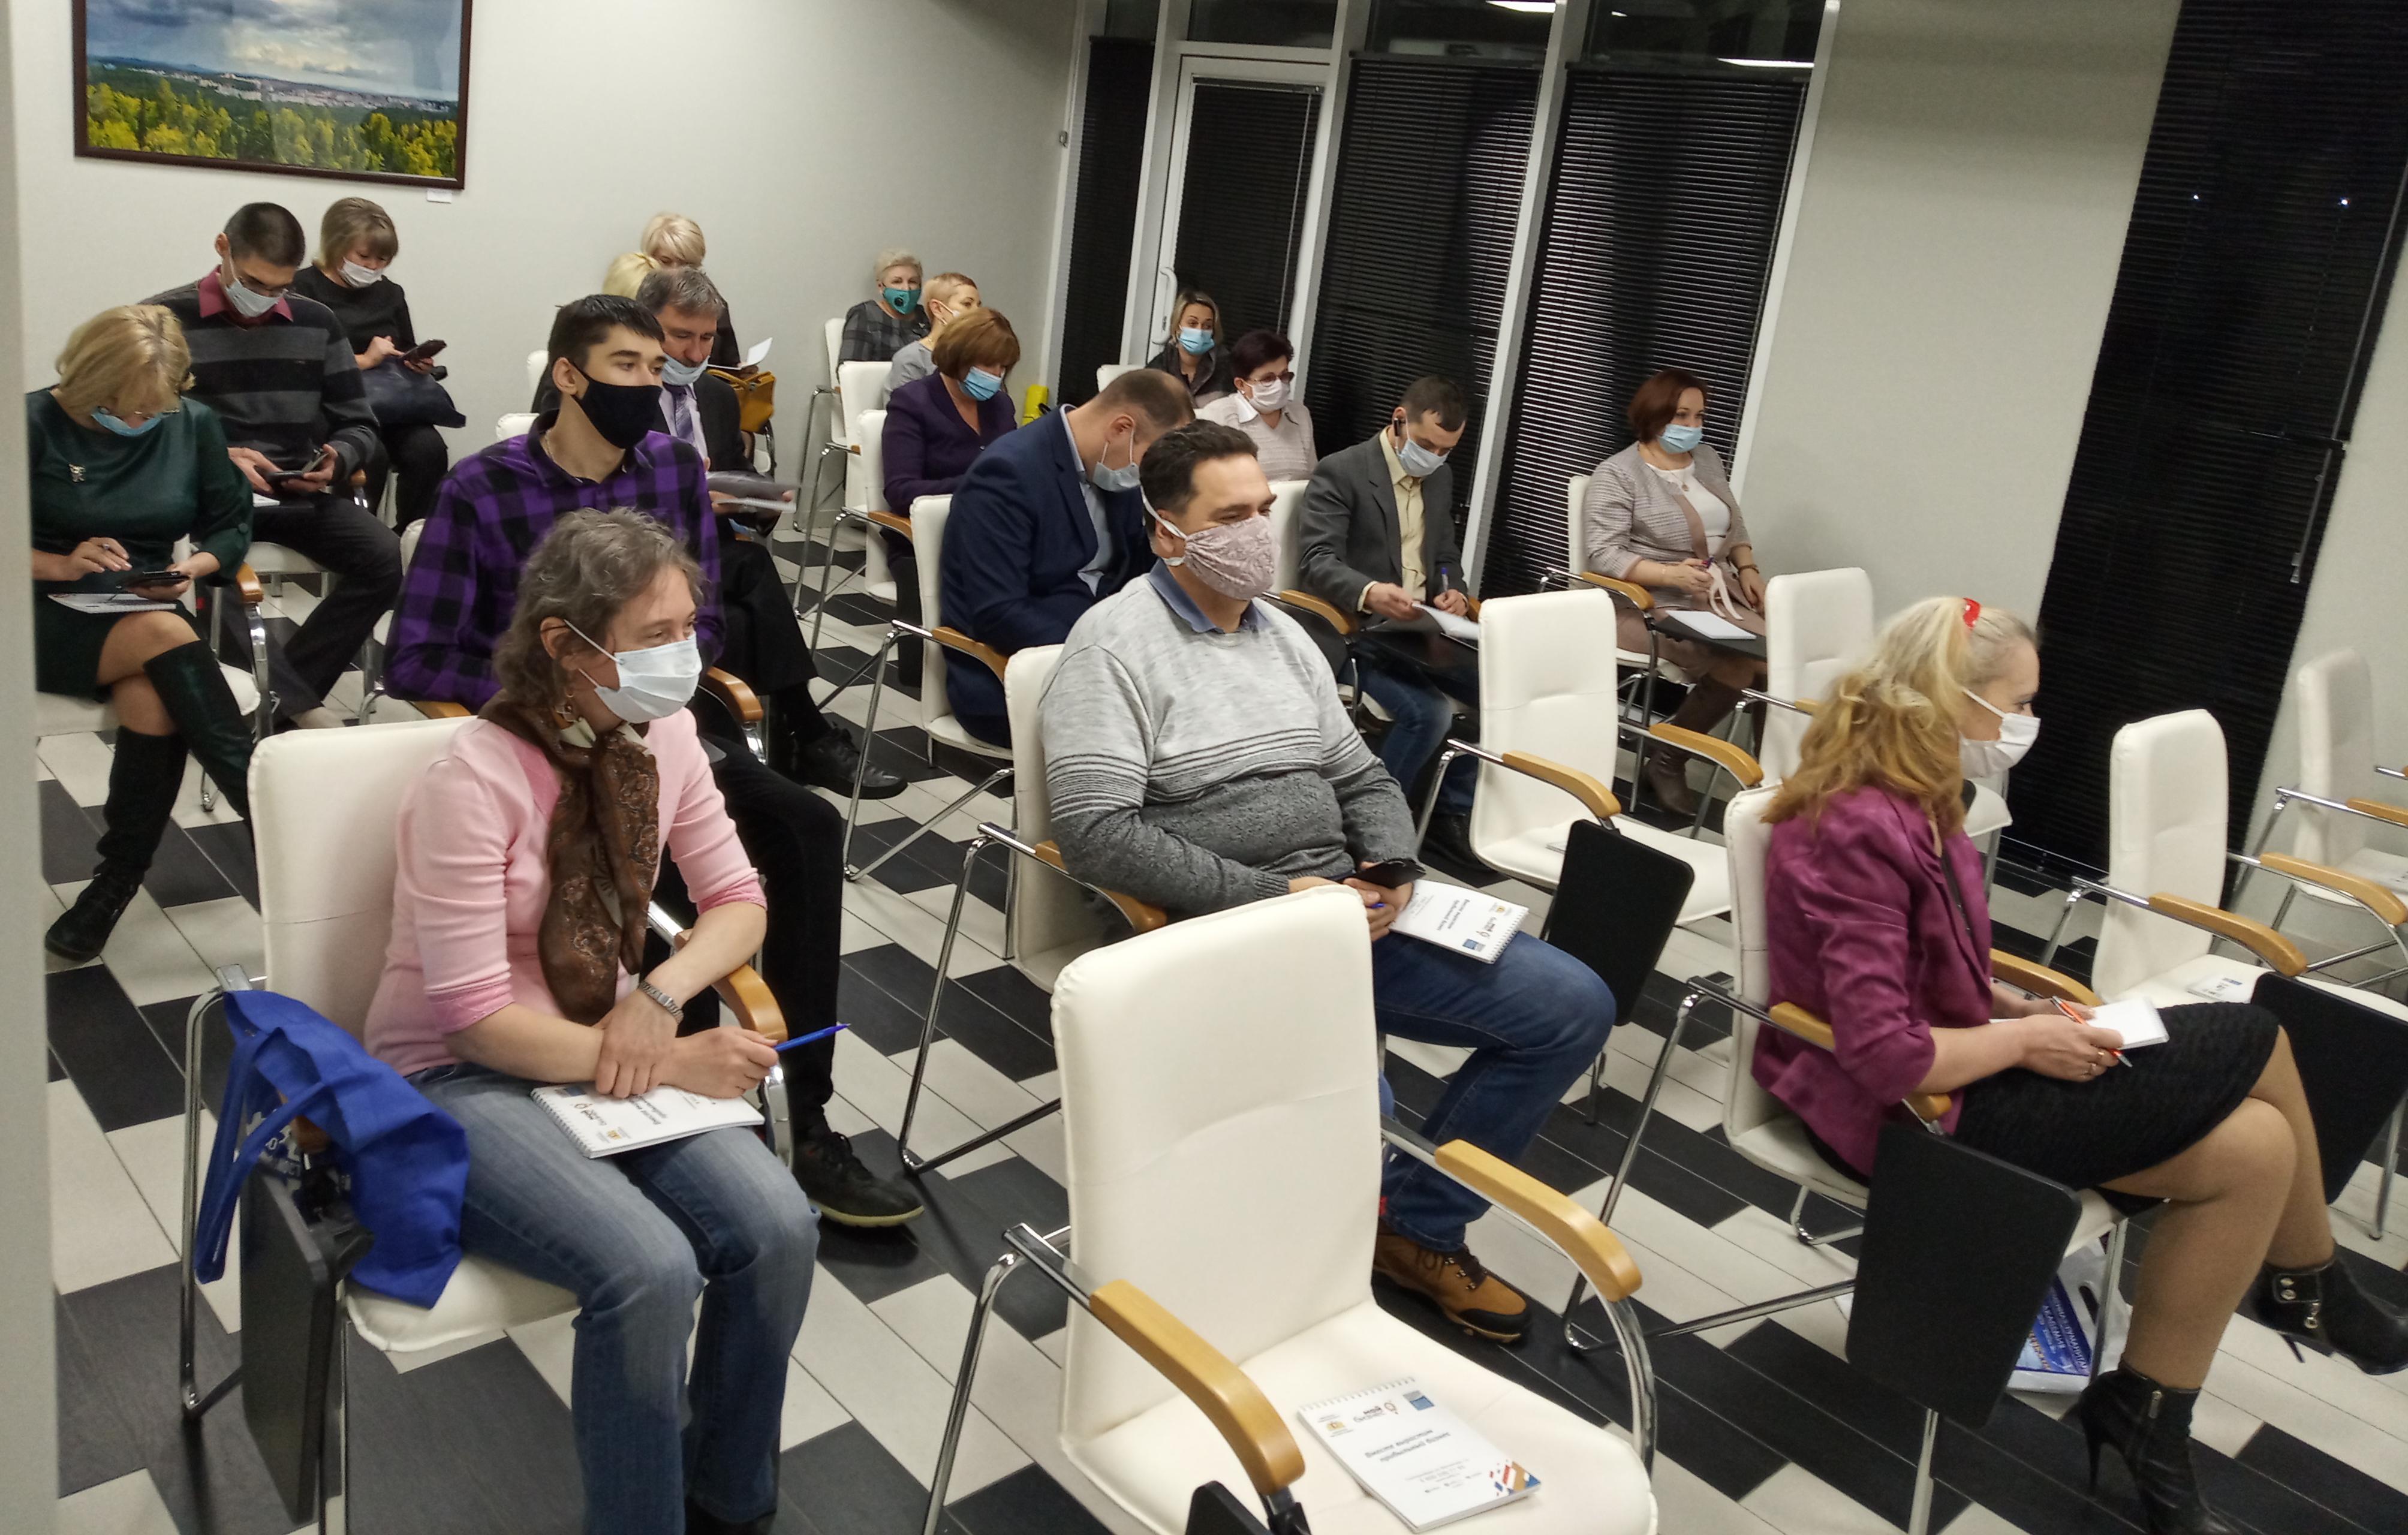 АО «ТВЭЛ» организовало семинар по формированию инновационной предпринимательской среды в Новоуральске